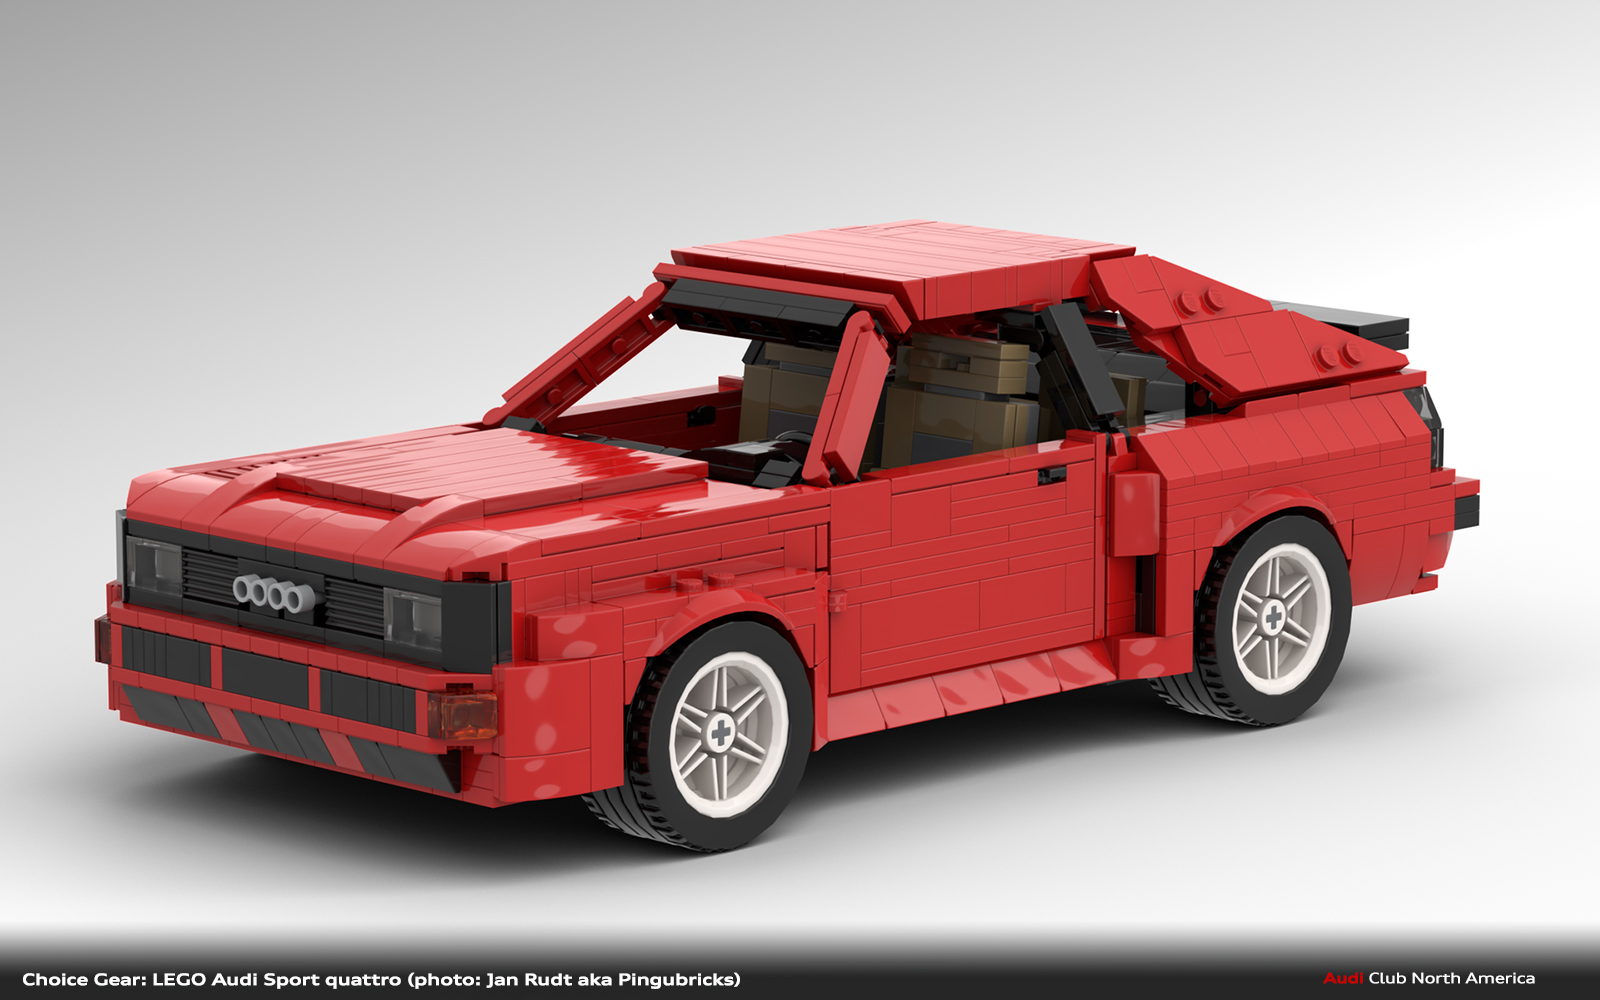 Choice Gear: MOC LEGO Audi Sport quattro by Pingubricks